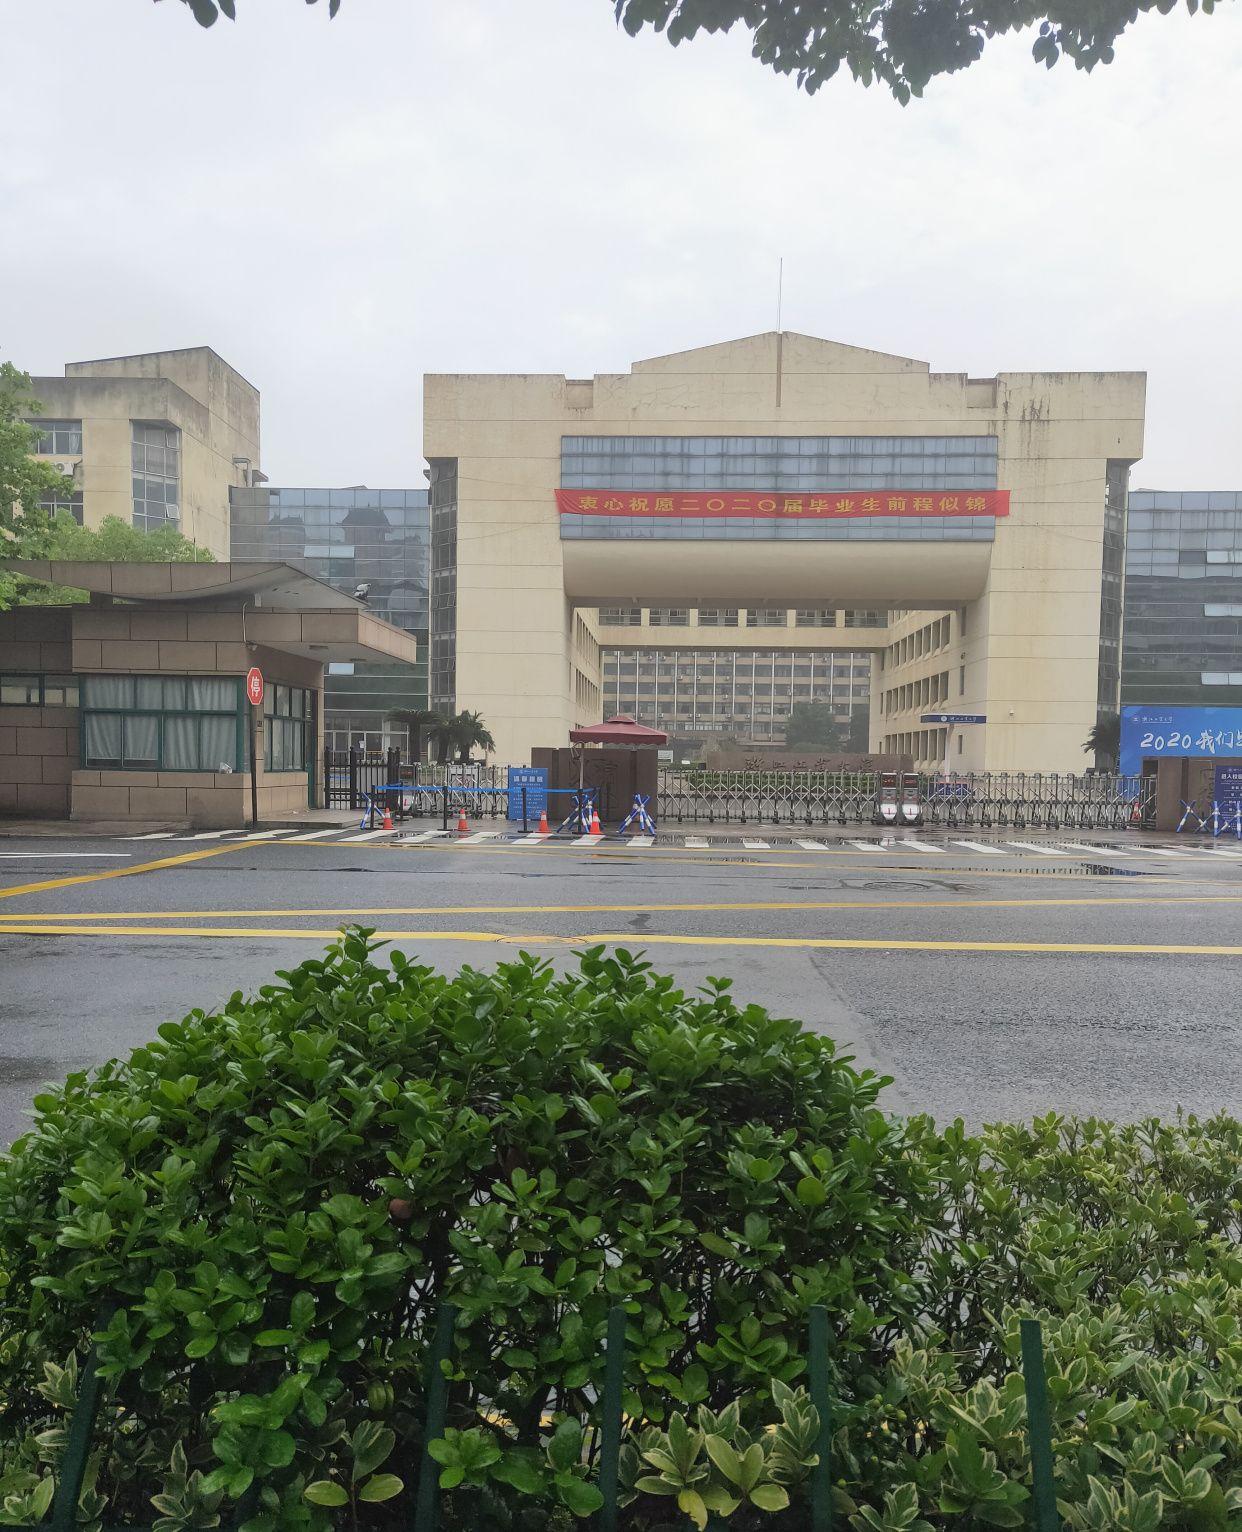 烟雨的杭州,浙江大学是多么的美丽宁静!杭州是多么的美丽!